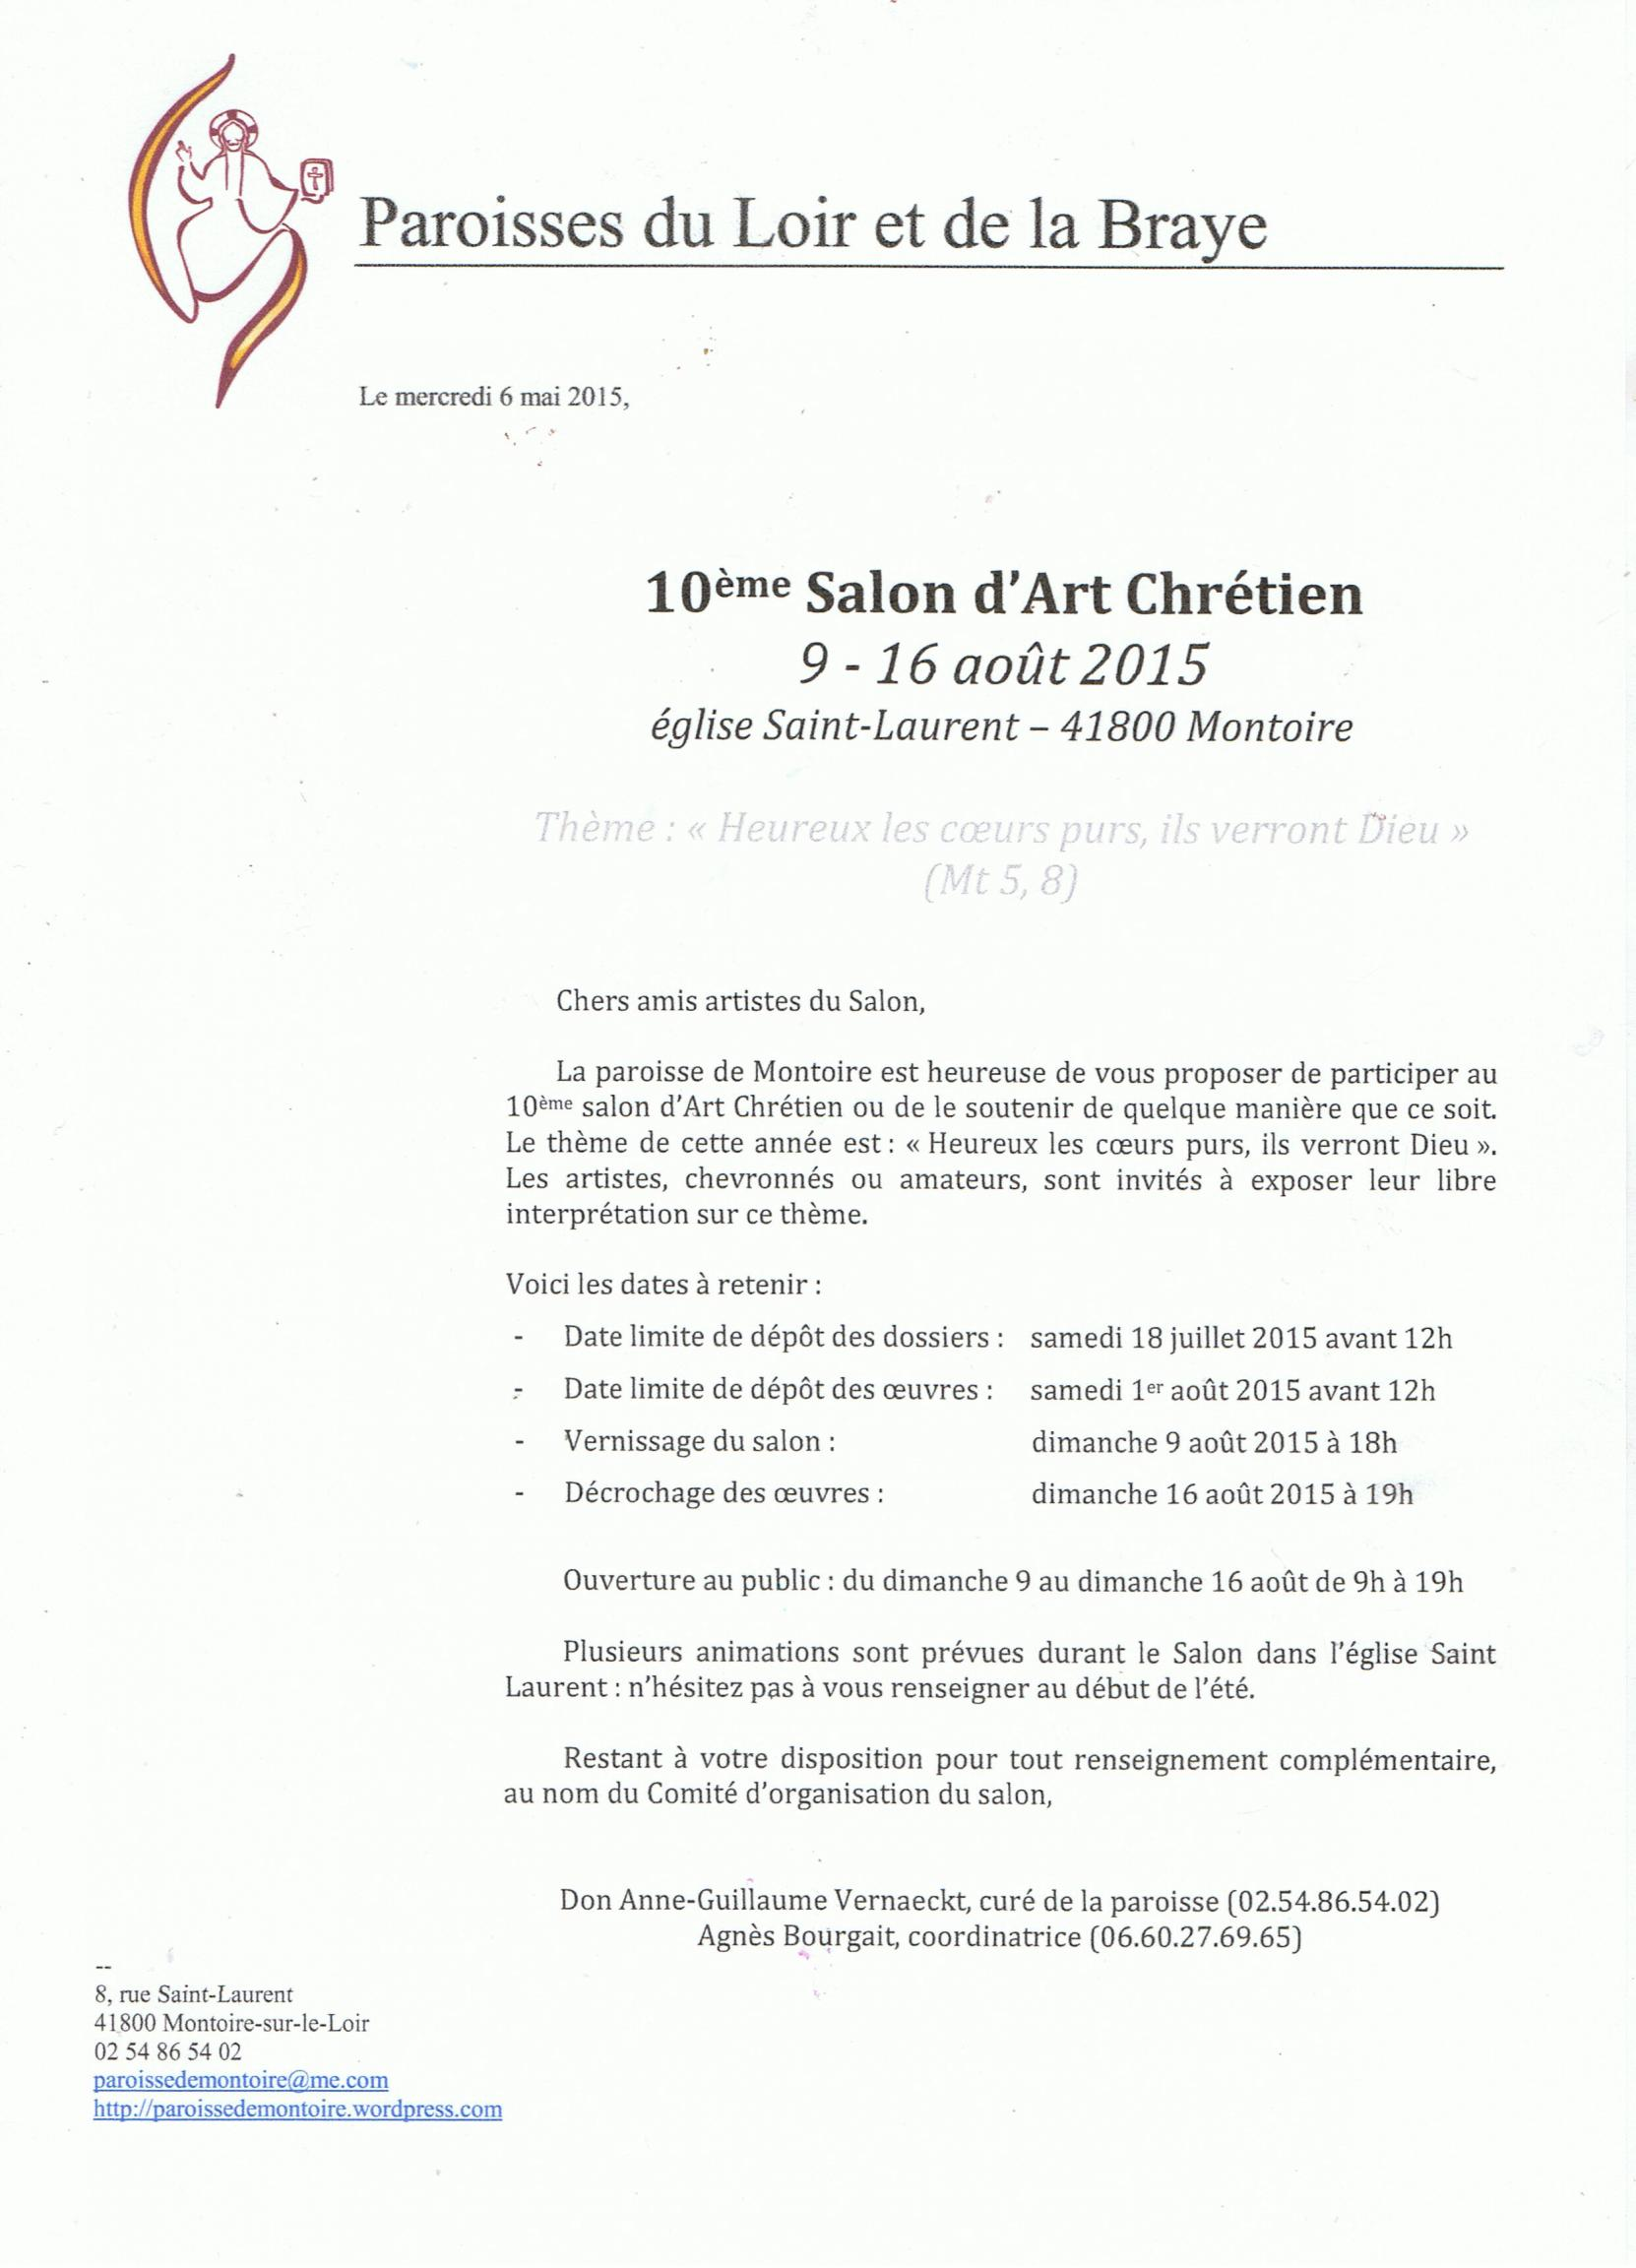 Actualité de  PRESBYTERE DE MONTOIRE SUR LOIR 10 ème - SALON D'ART CHRETIEN DOSSIER INSCRIPTION DU 10° SALON ART CHRETIEN